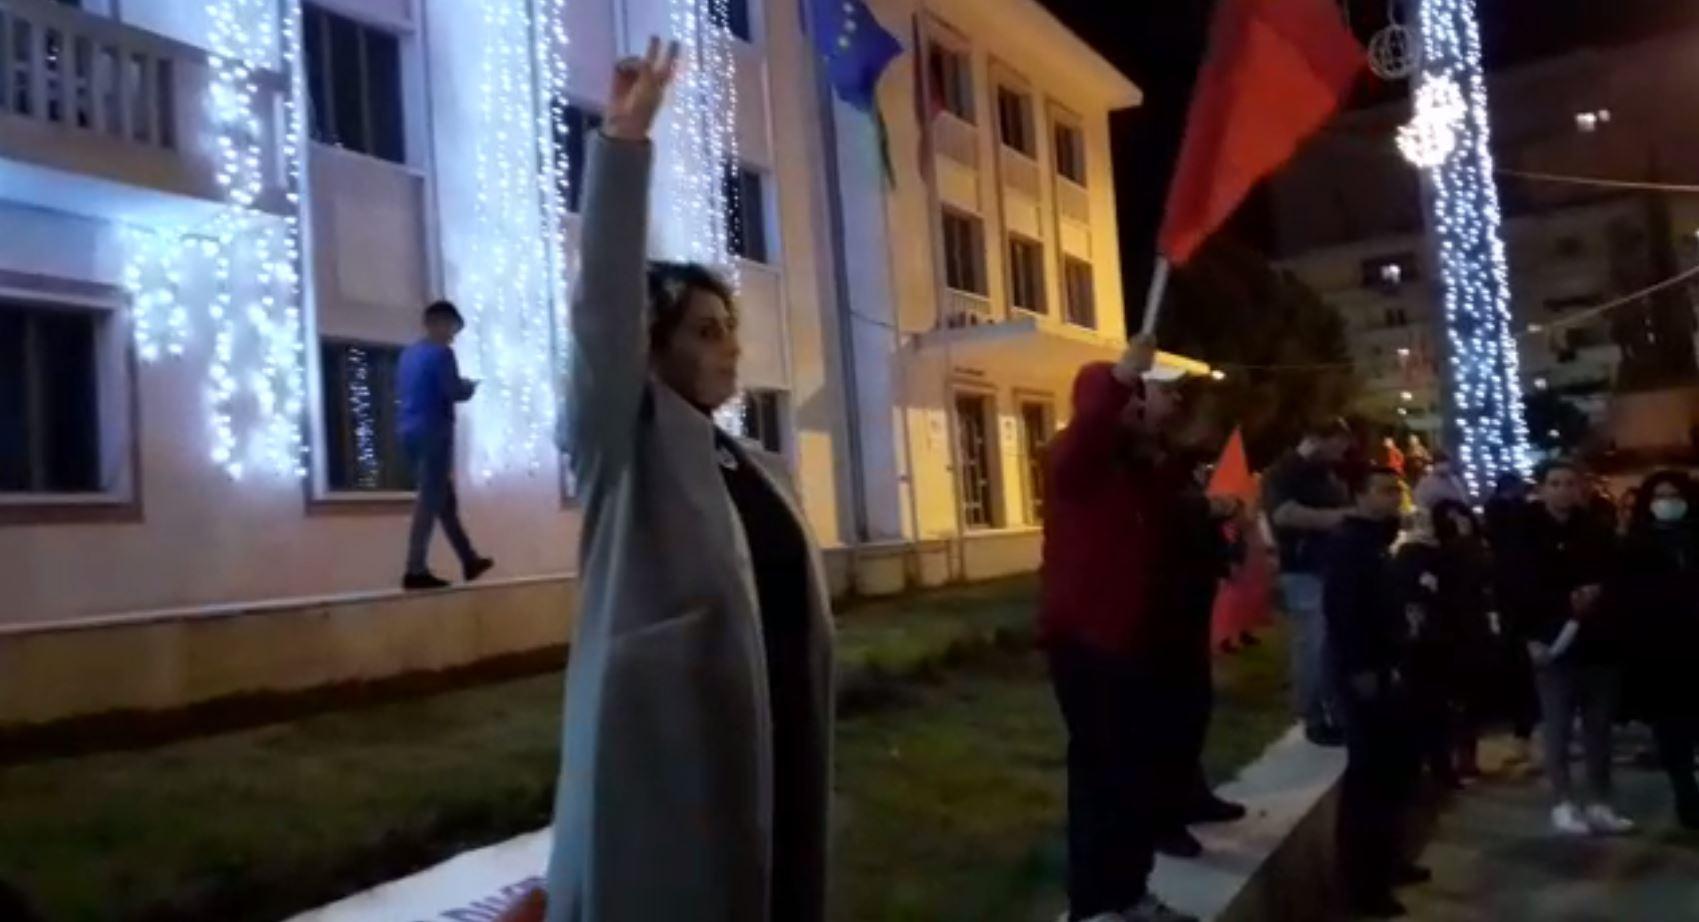 Me 2 gishta lart dhe thirrjet 'Rama Ik', protestuesit në Lushnje 'harrojnë' Klodjanin! Organizatorja: Takohemi në protesta të tjera